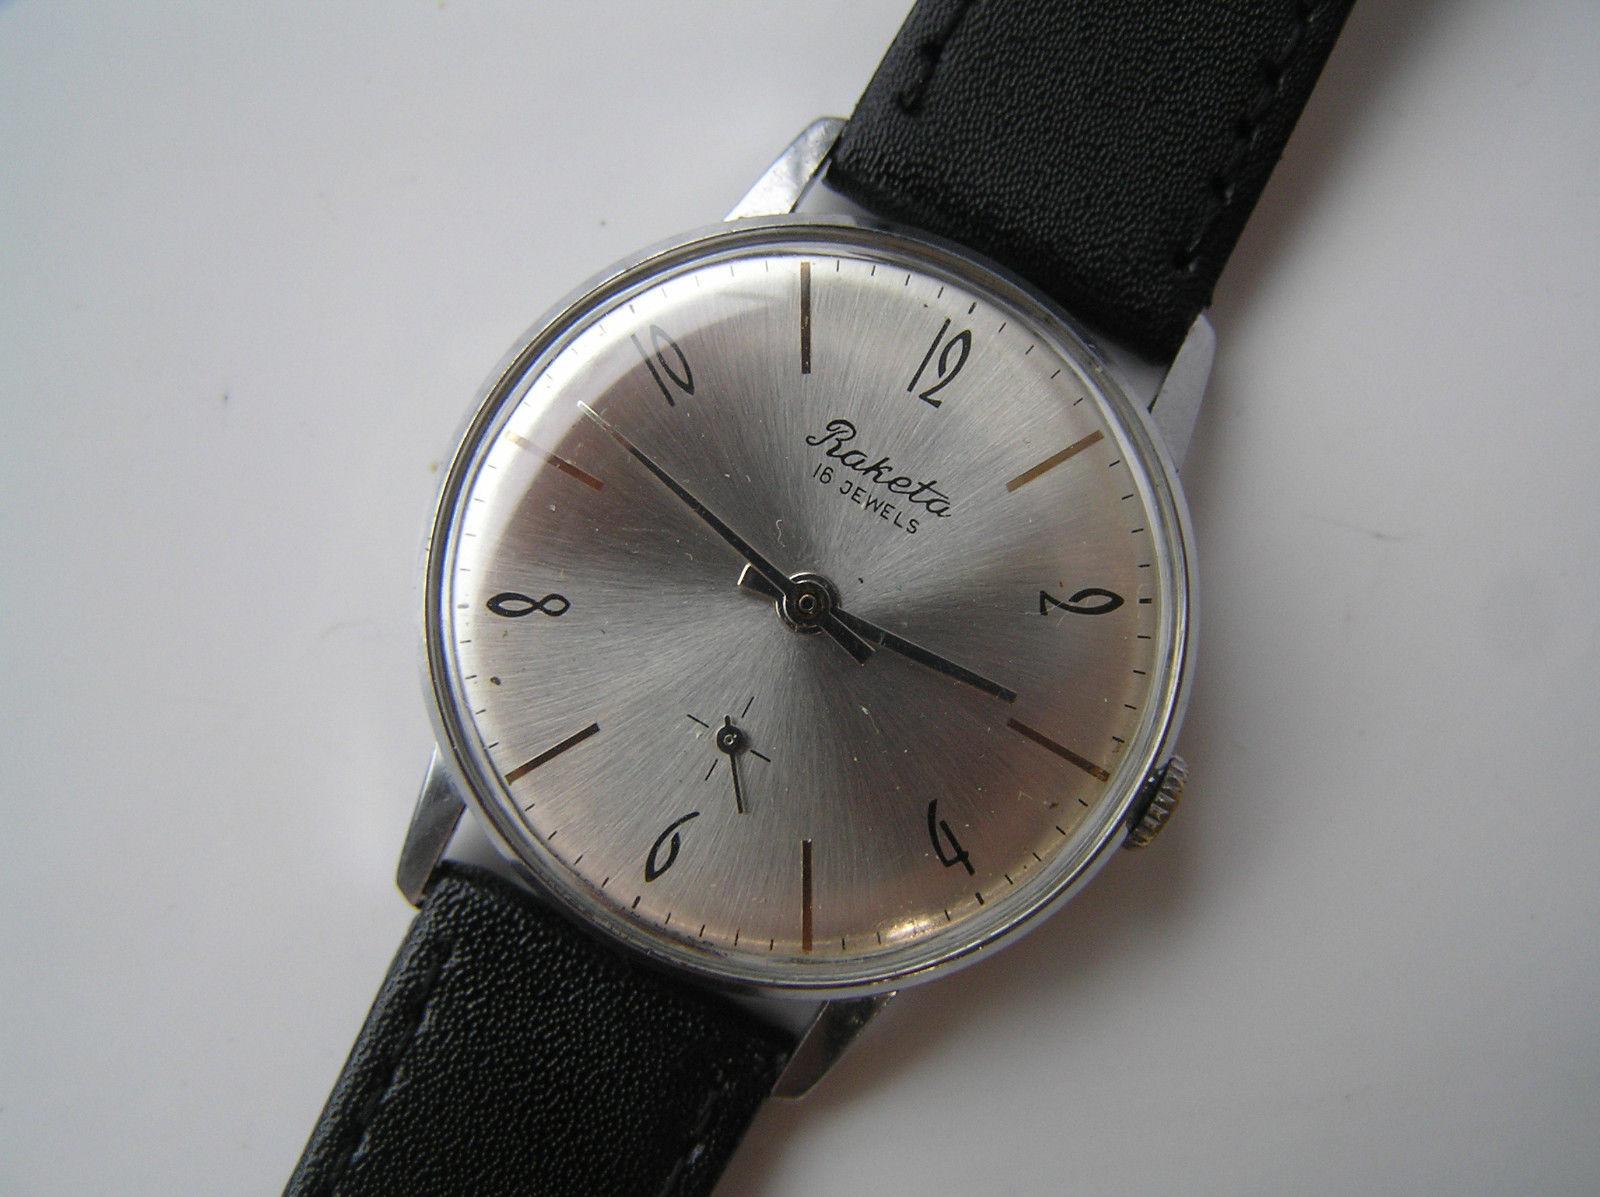 koudelka-watch-raketa-2603